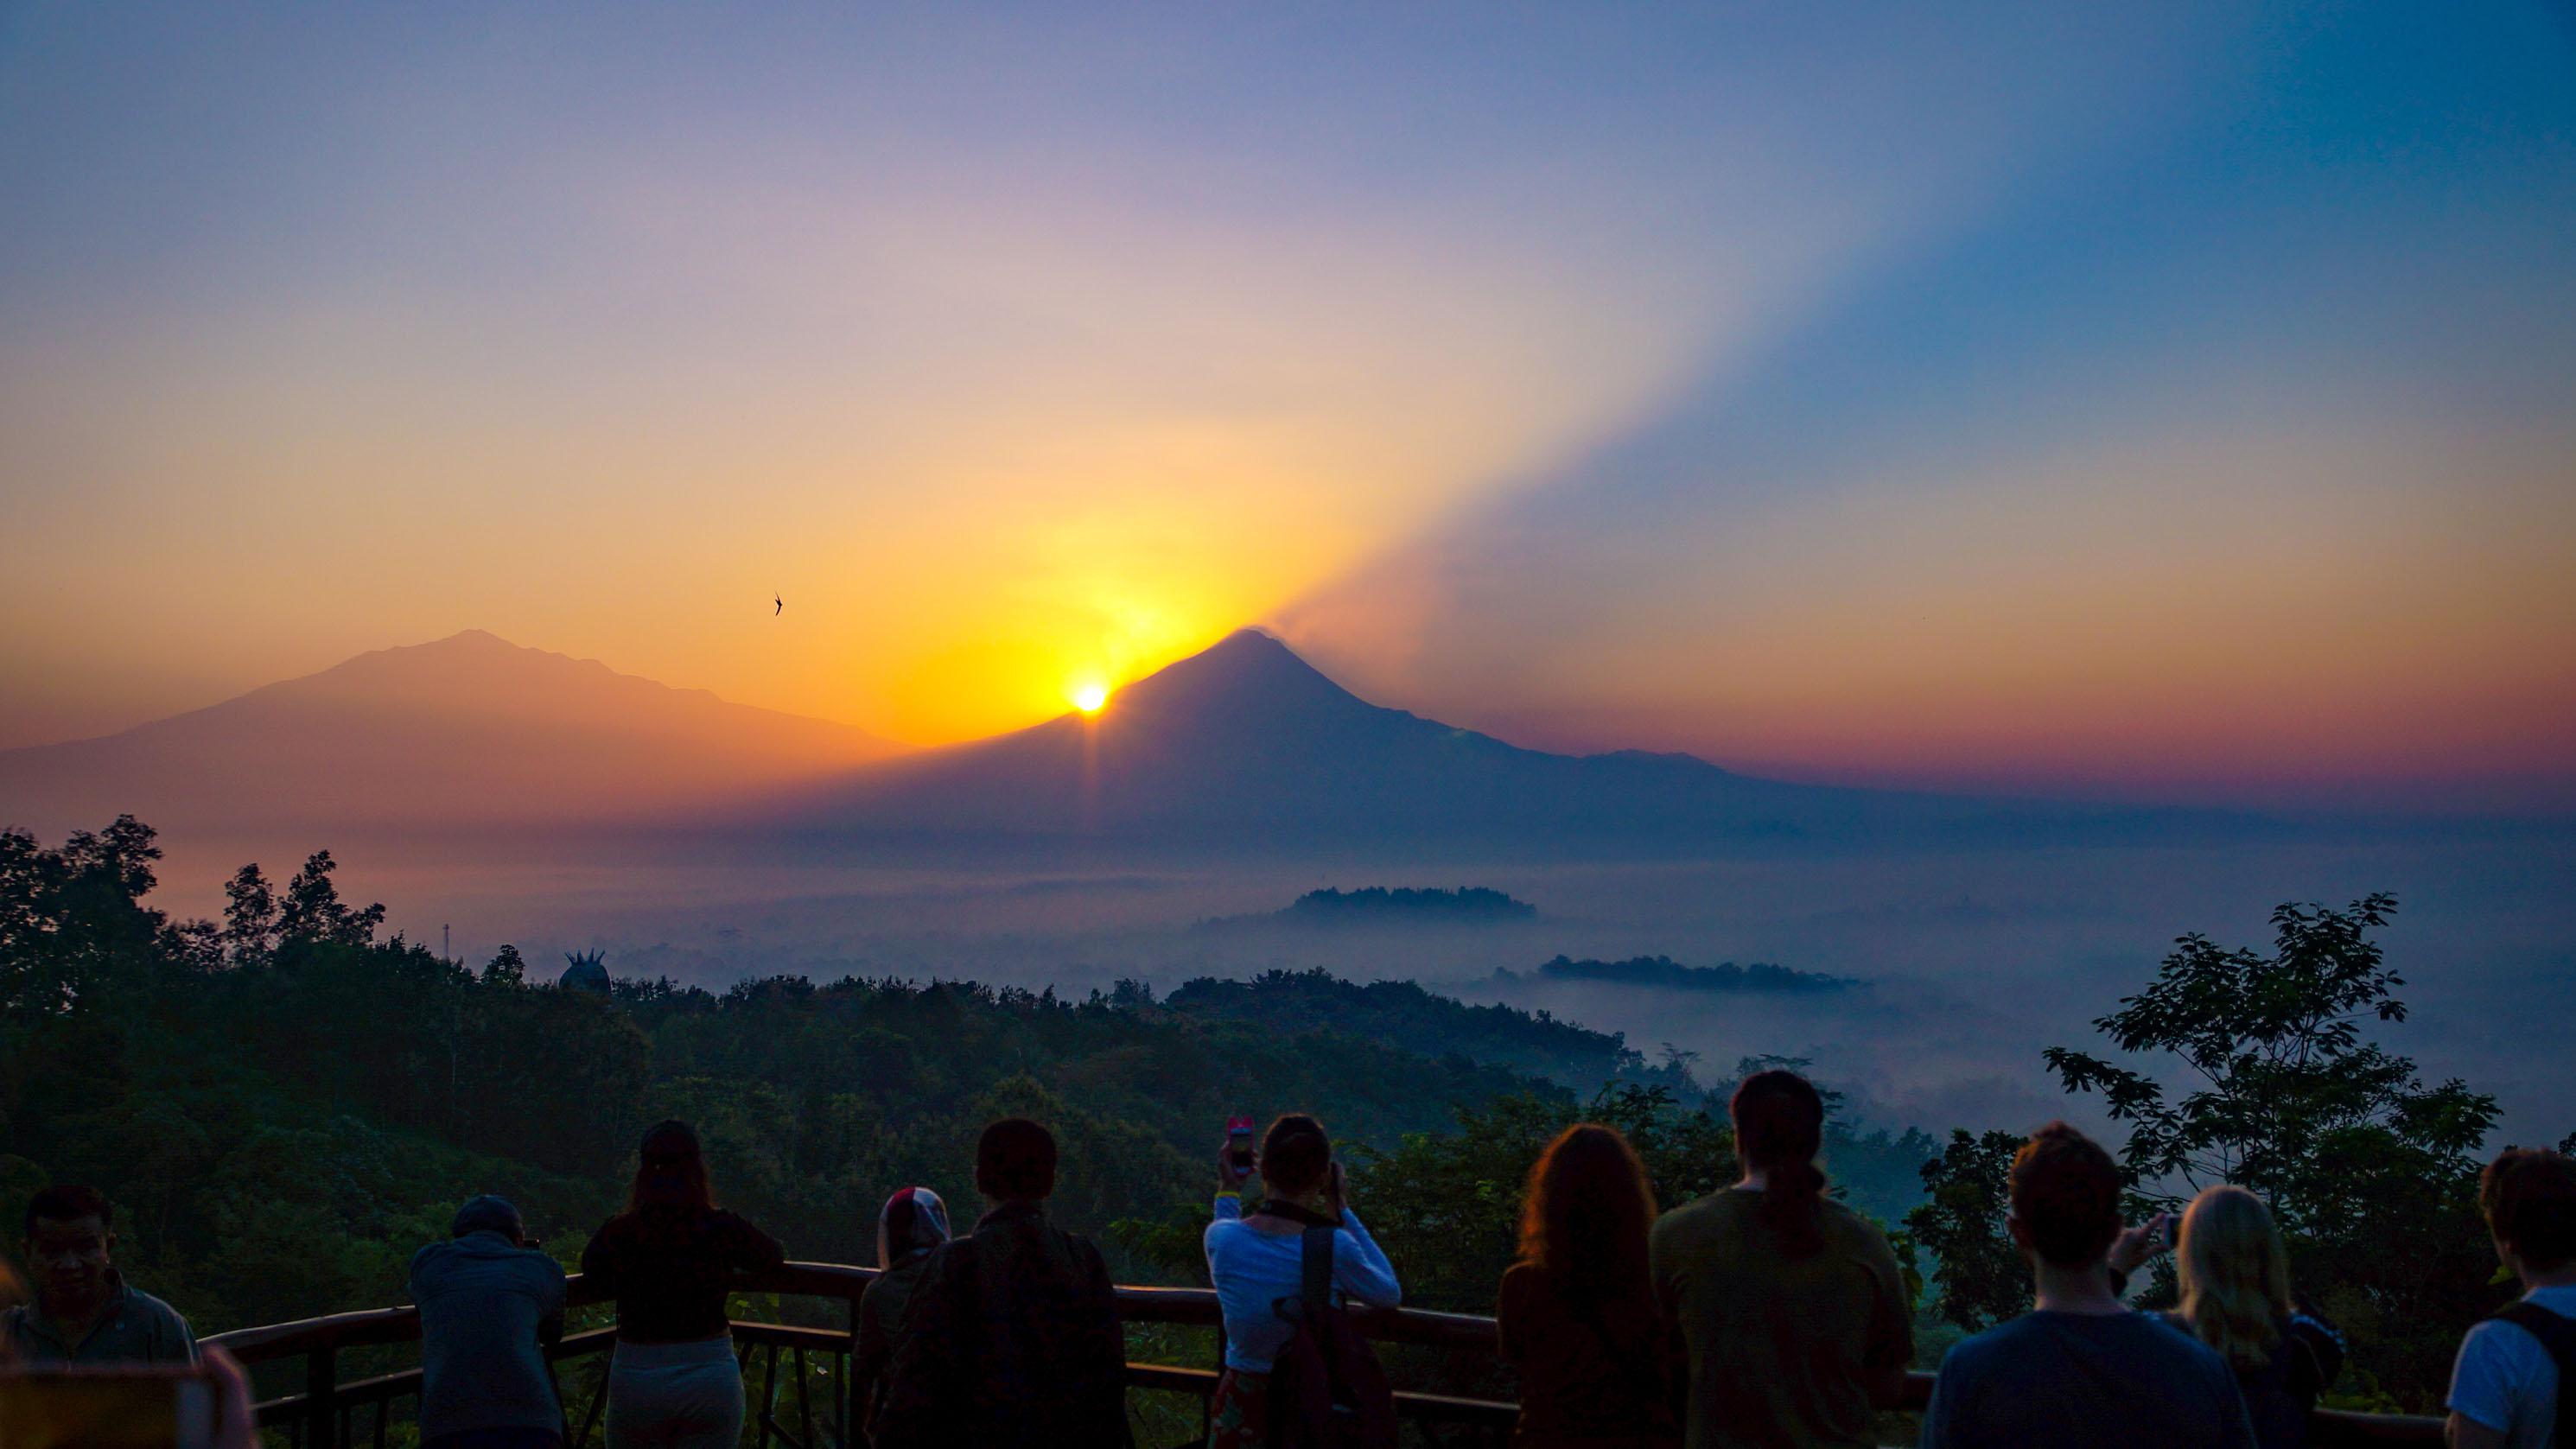 Großes Abenteuer mit großen Vulkanen: Merapi und Bromo